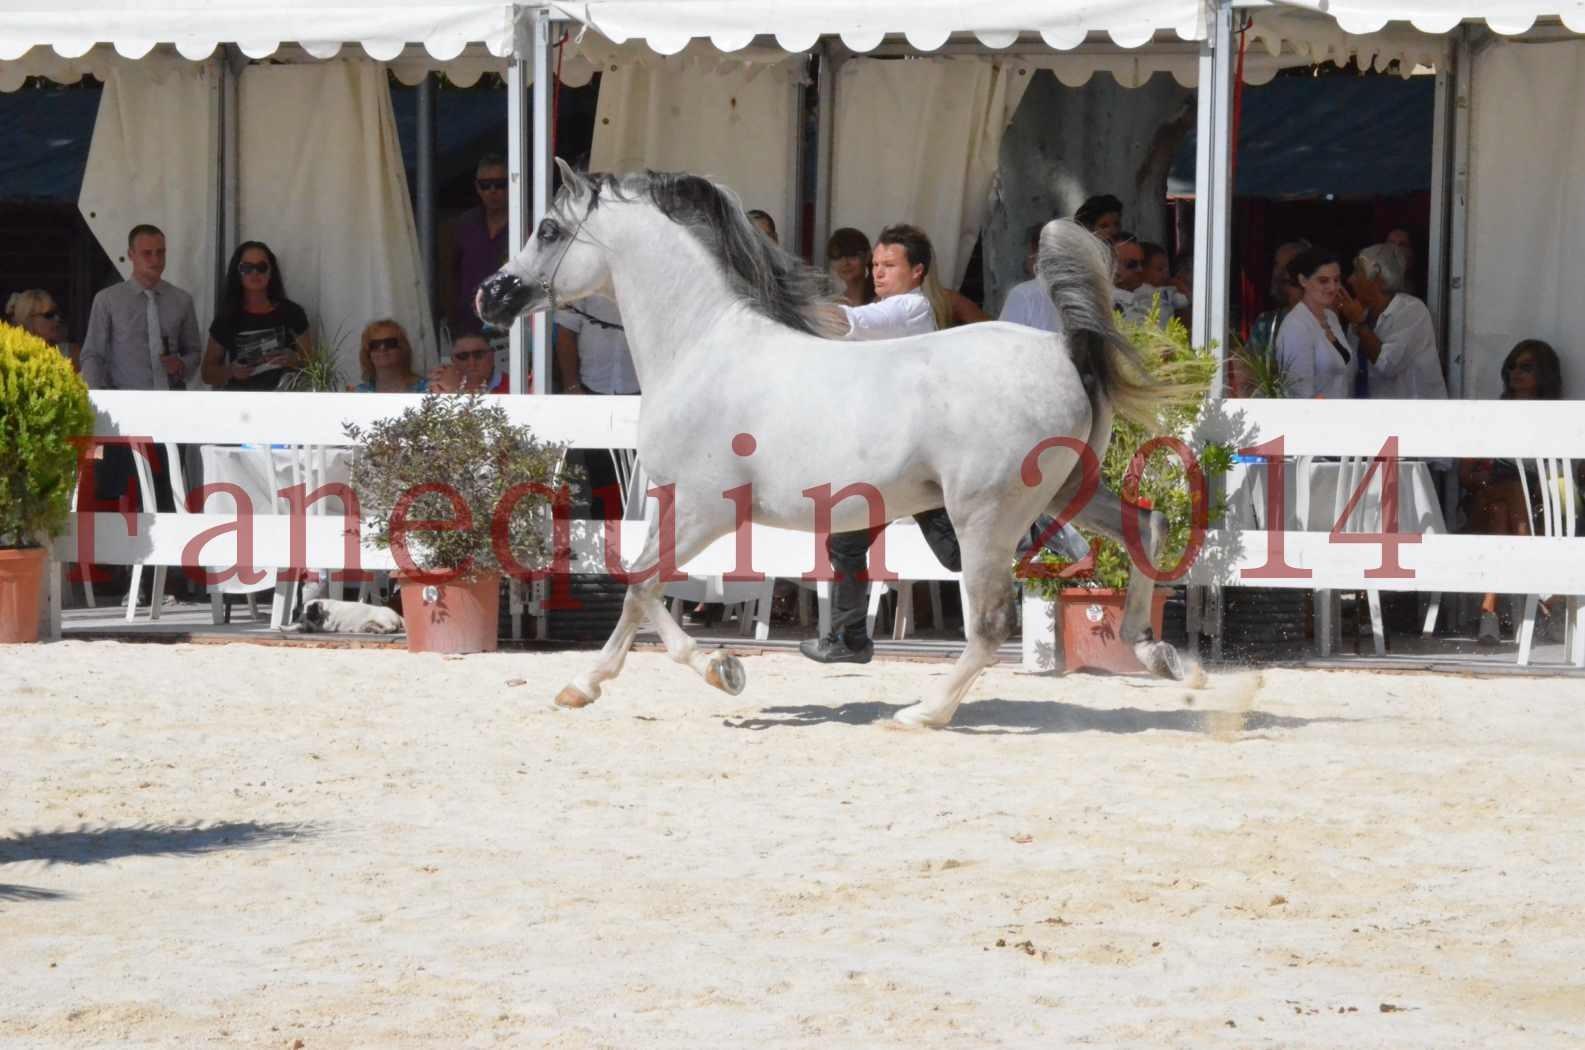 Concours National de Nîmes de chevaux ARABES 2014 - Sélection - SHAOLIN DE NEDJAIA - 32